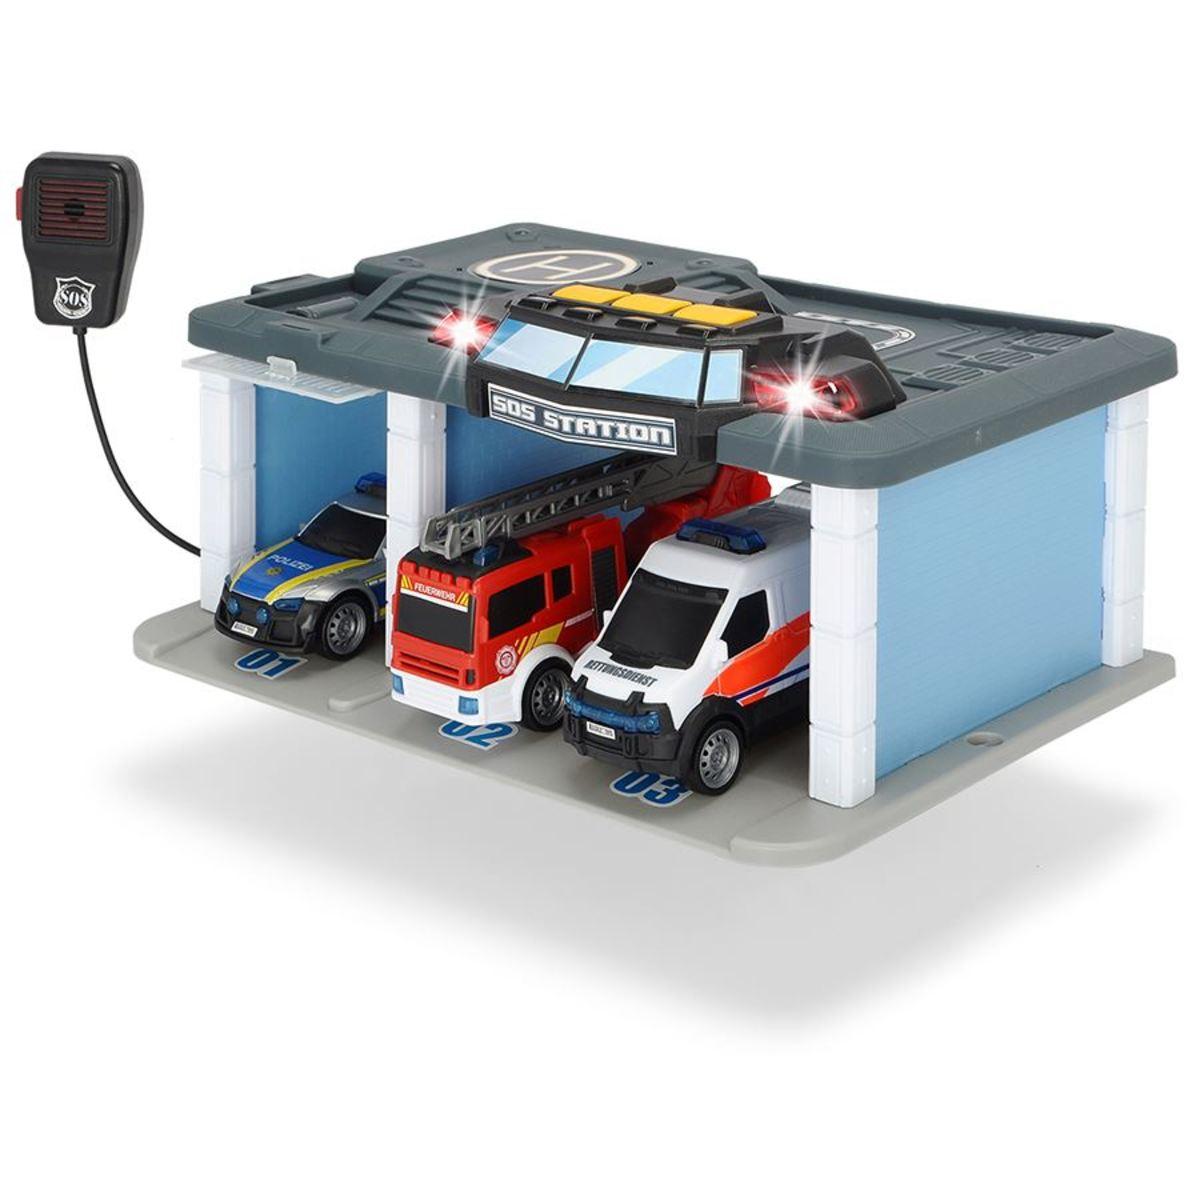 Bild 2 von Dickie Toys Rettungszentrum 32,5x16x22,5cm